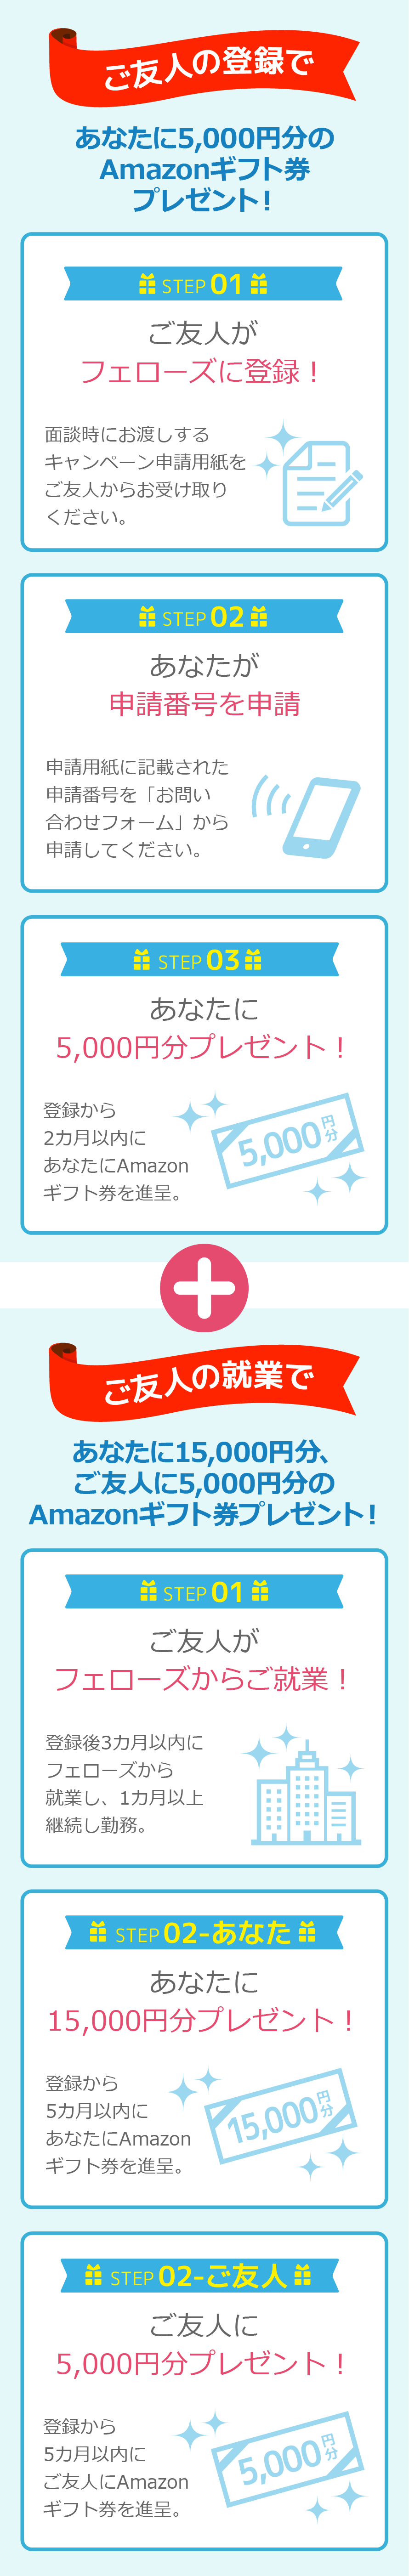 ご友人のご登録であなたに5,000円分、ご友人のご就業であなたに15,000円分、ご友人に5,000円分のAmazonギフト券プレゼント!